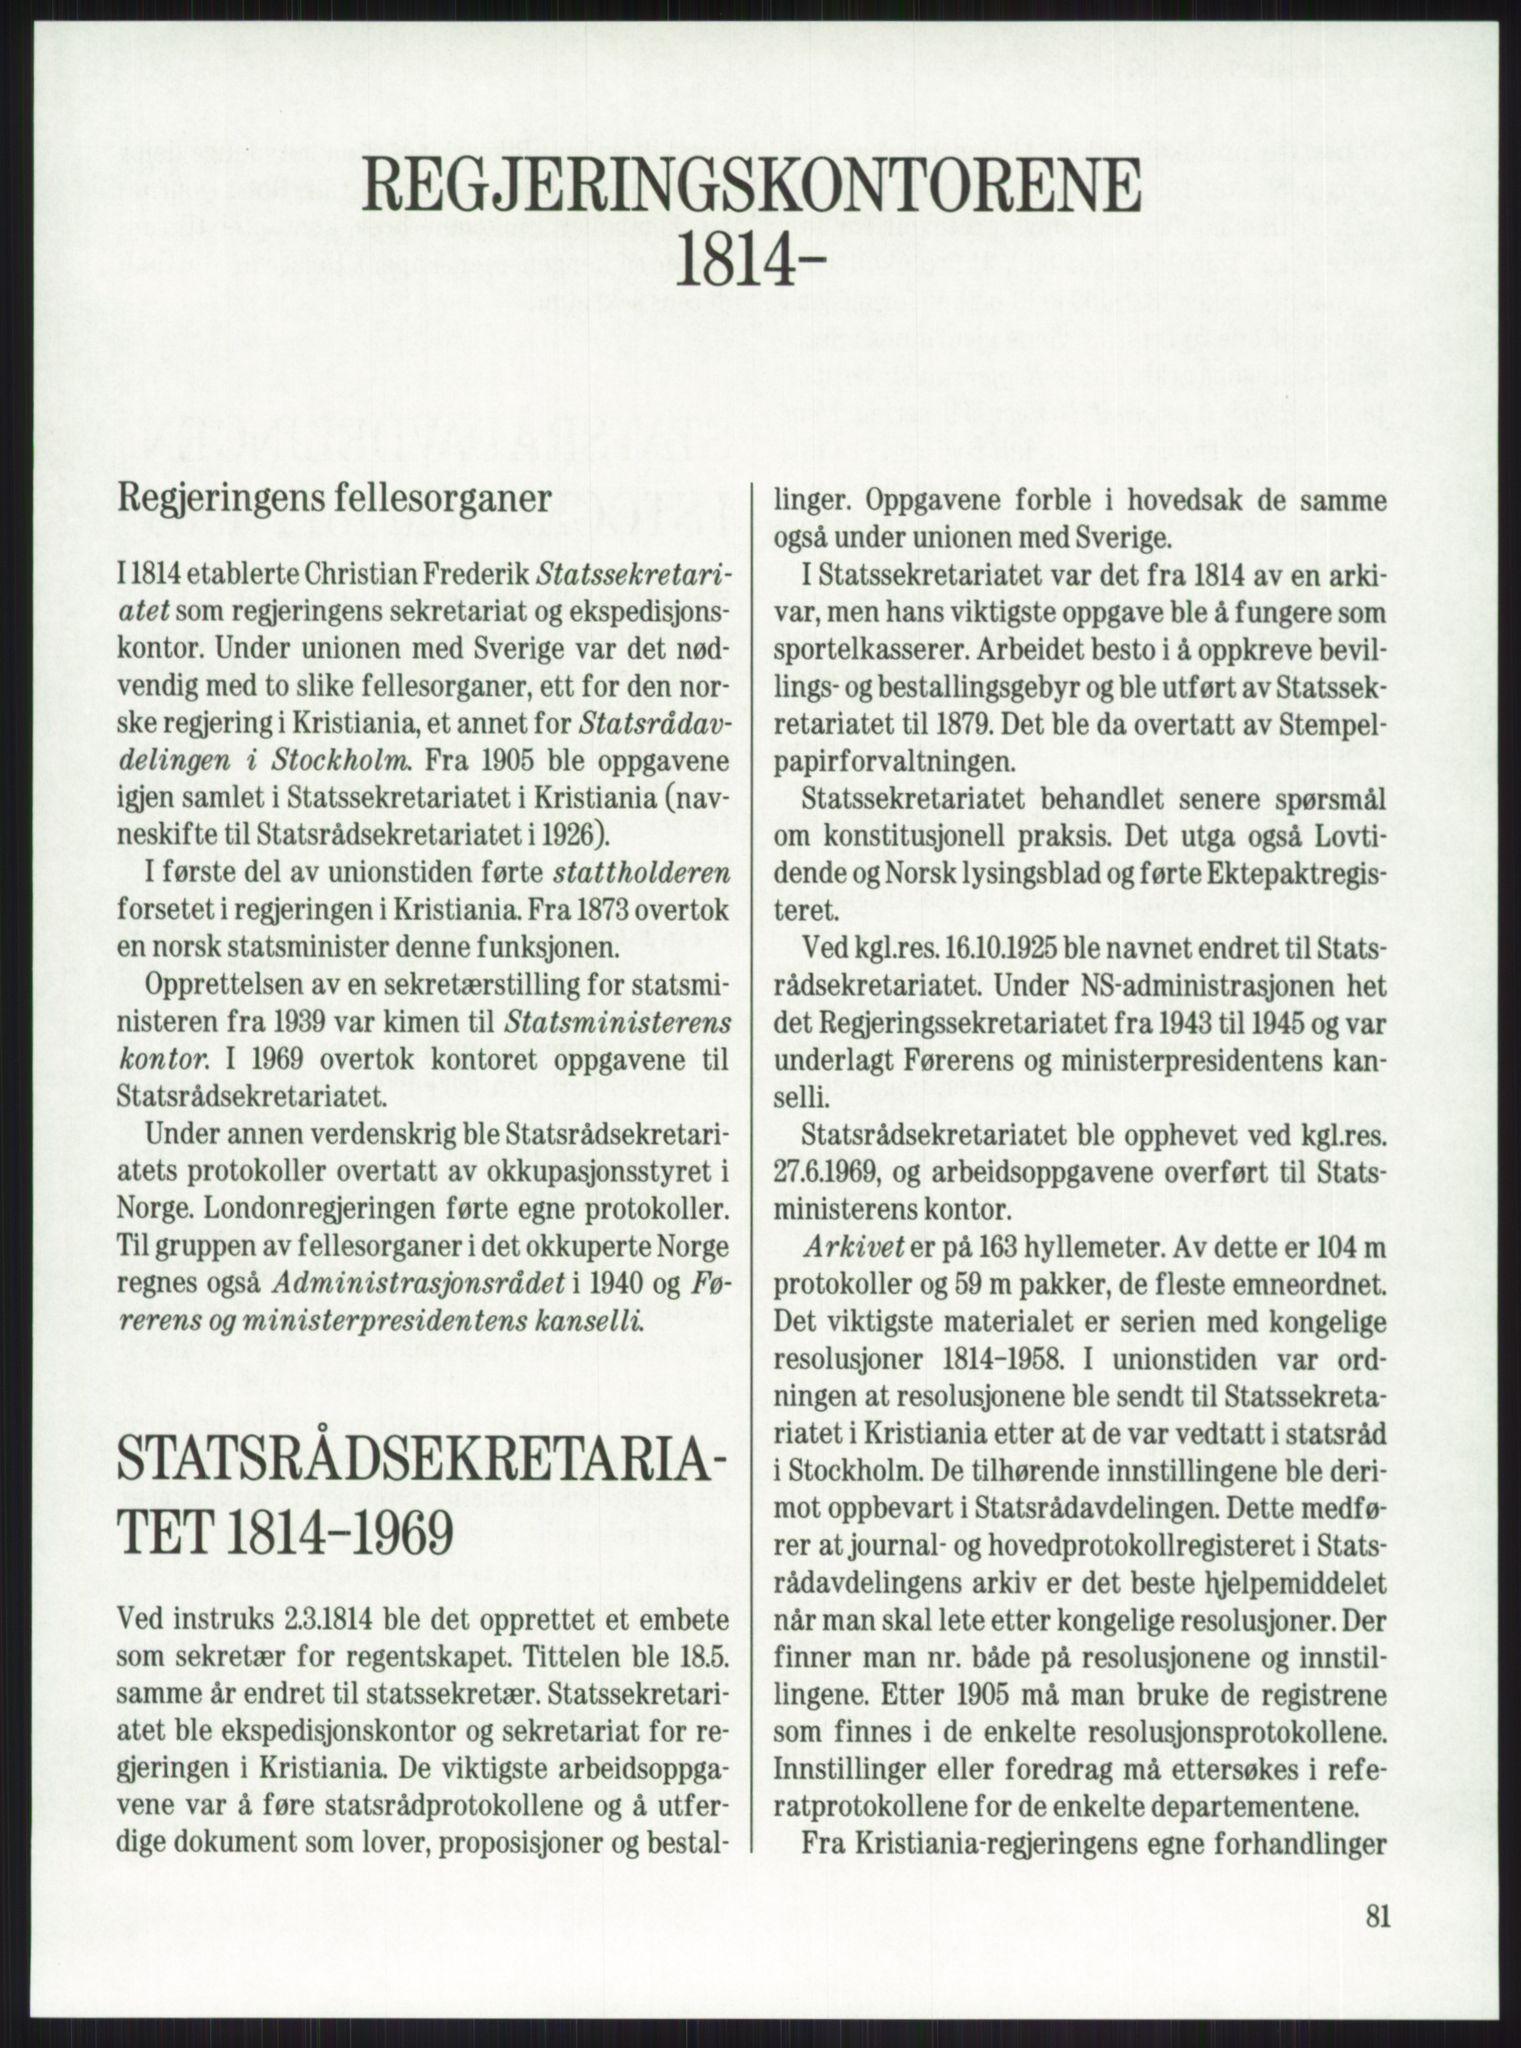 RA, Publikasjoner*, 1974-1977, s. 81